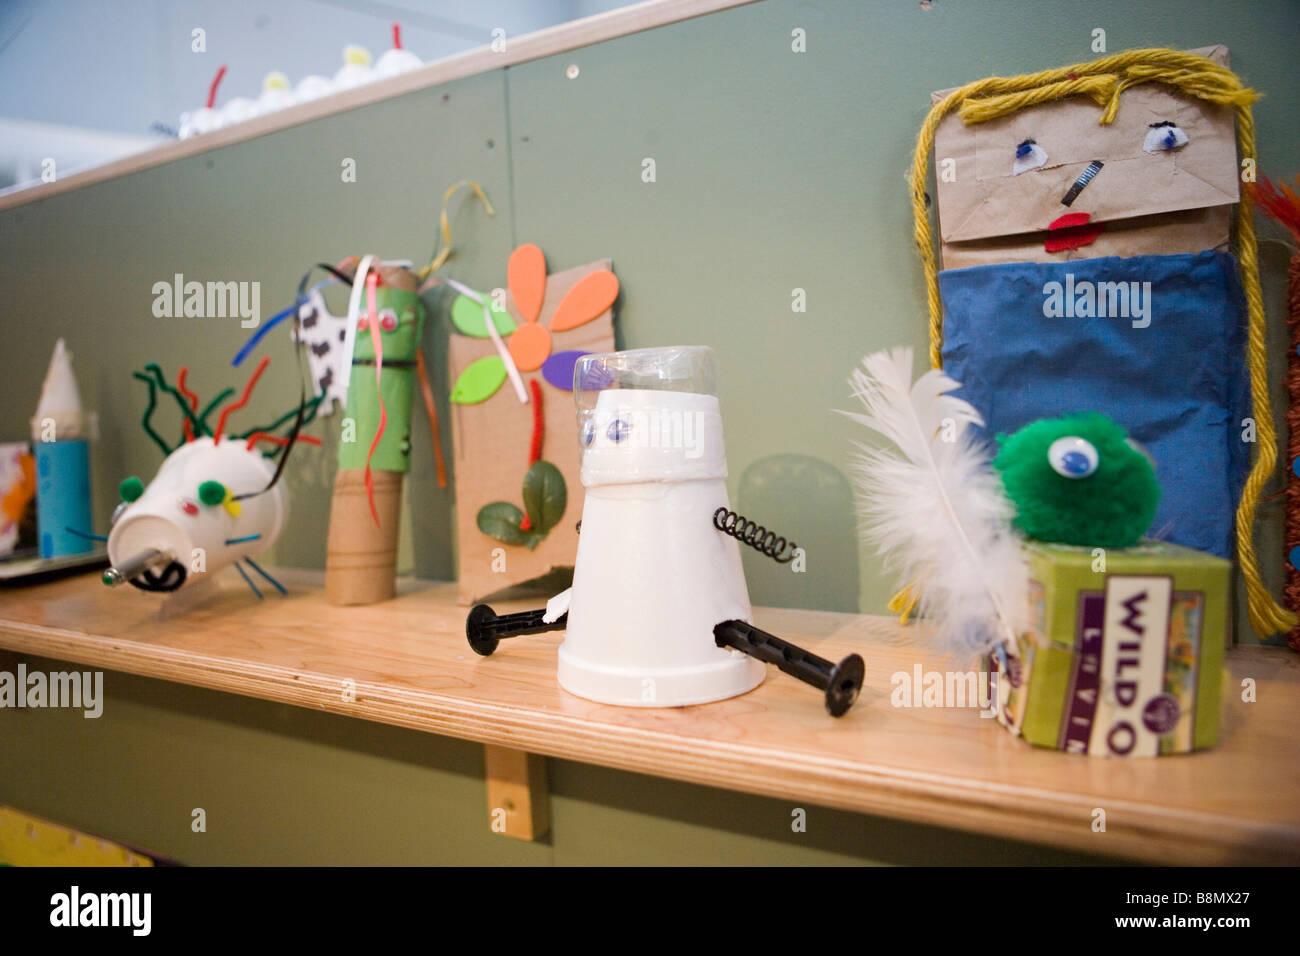 Tasche, Marionetten, Puppen und Spielzeug aus einfachen recycelten Materialien Stockbild